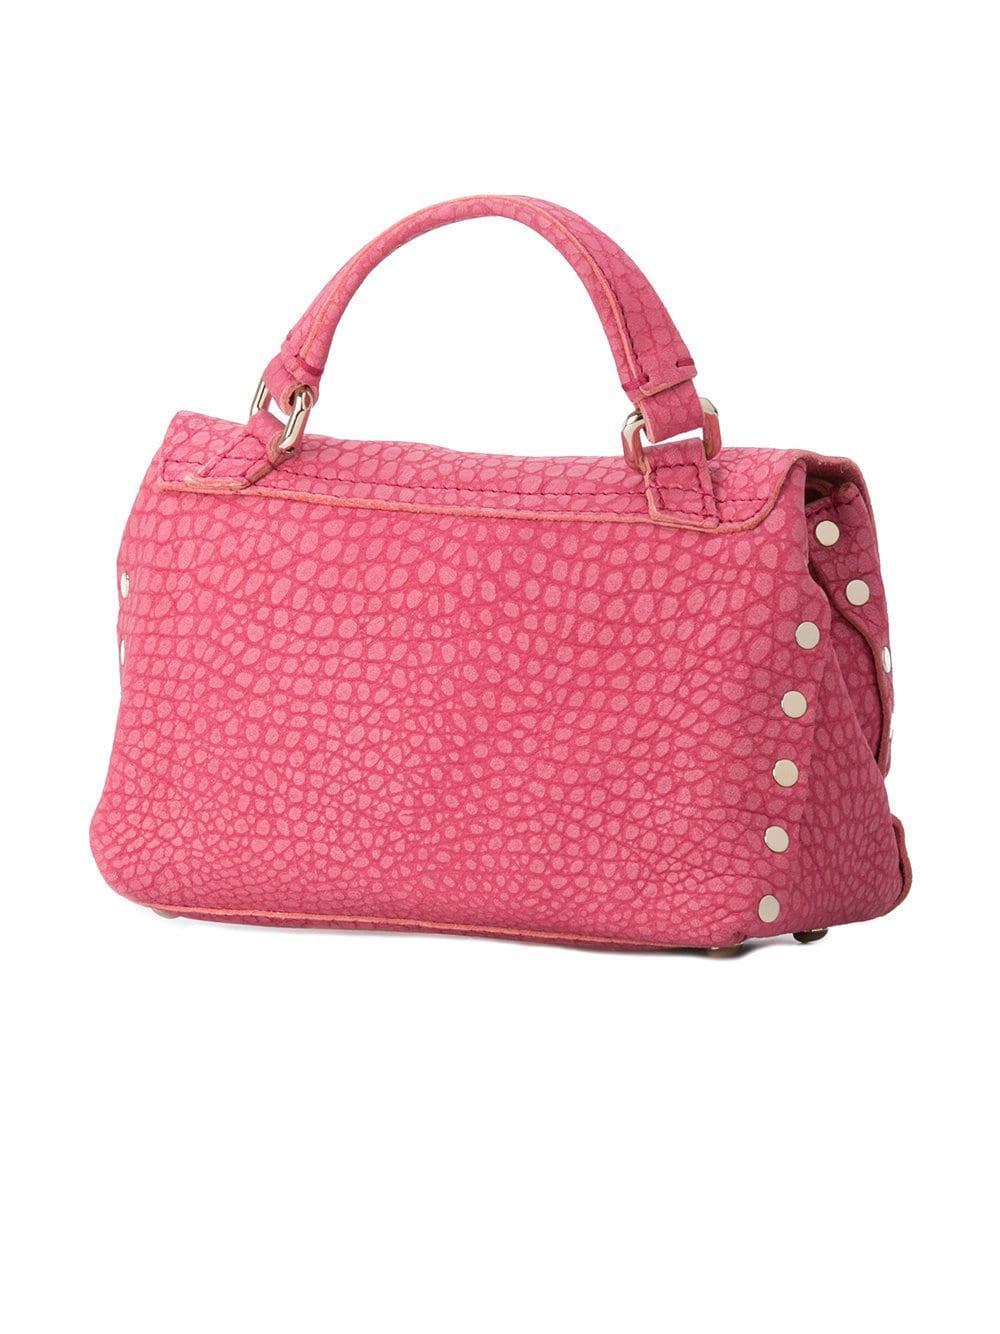 Zanellato Leather Small Postina Tote in Pink